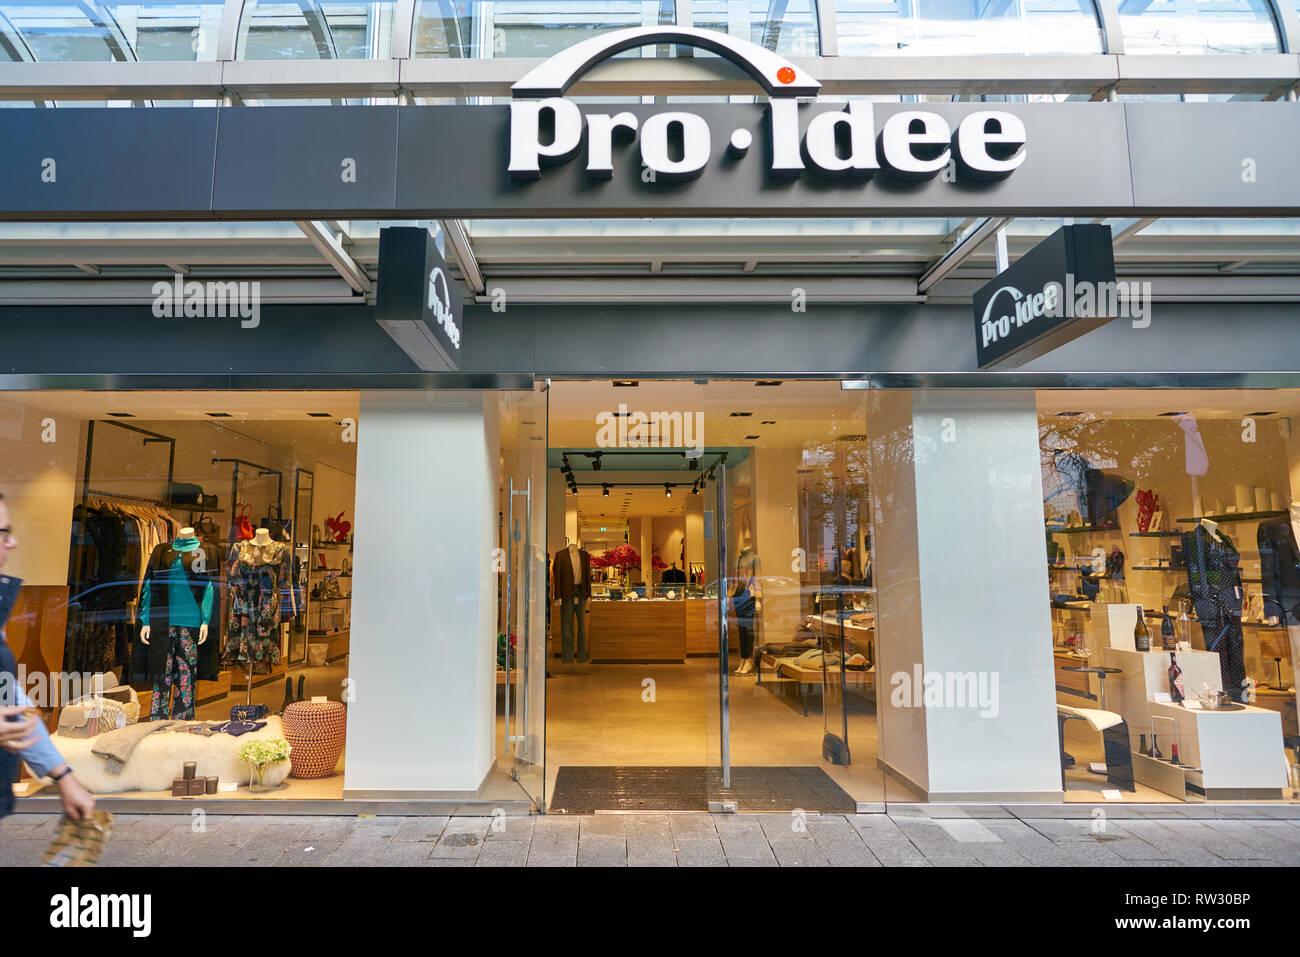 Düsseldorf, Deutschland - ca. September 2018: Eingang zu Pro-Idee store in Düsseldorf. Stockbild